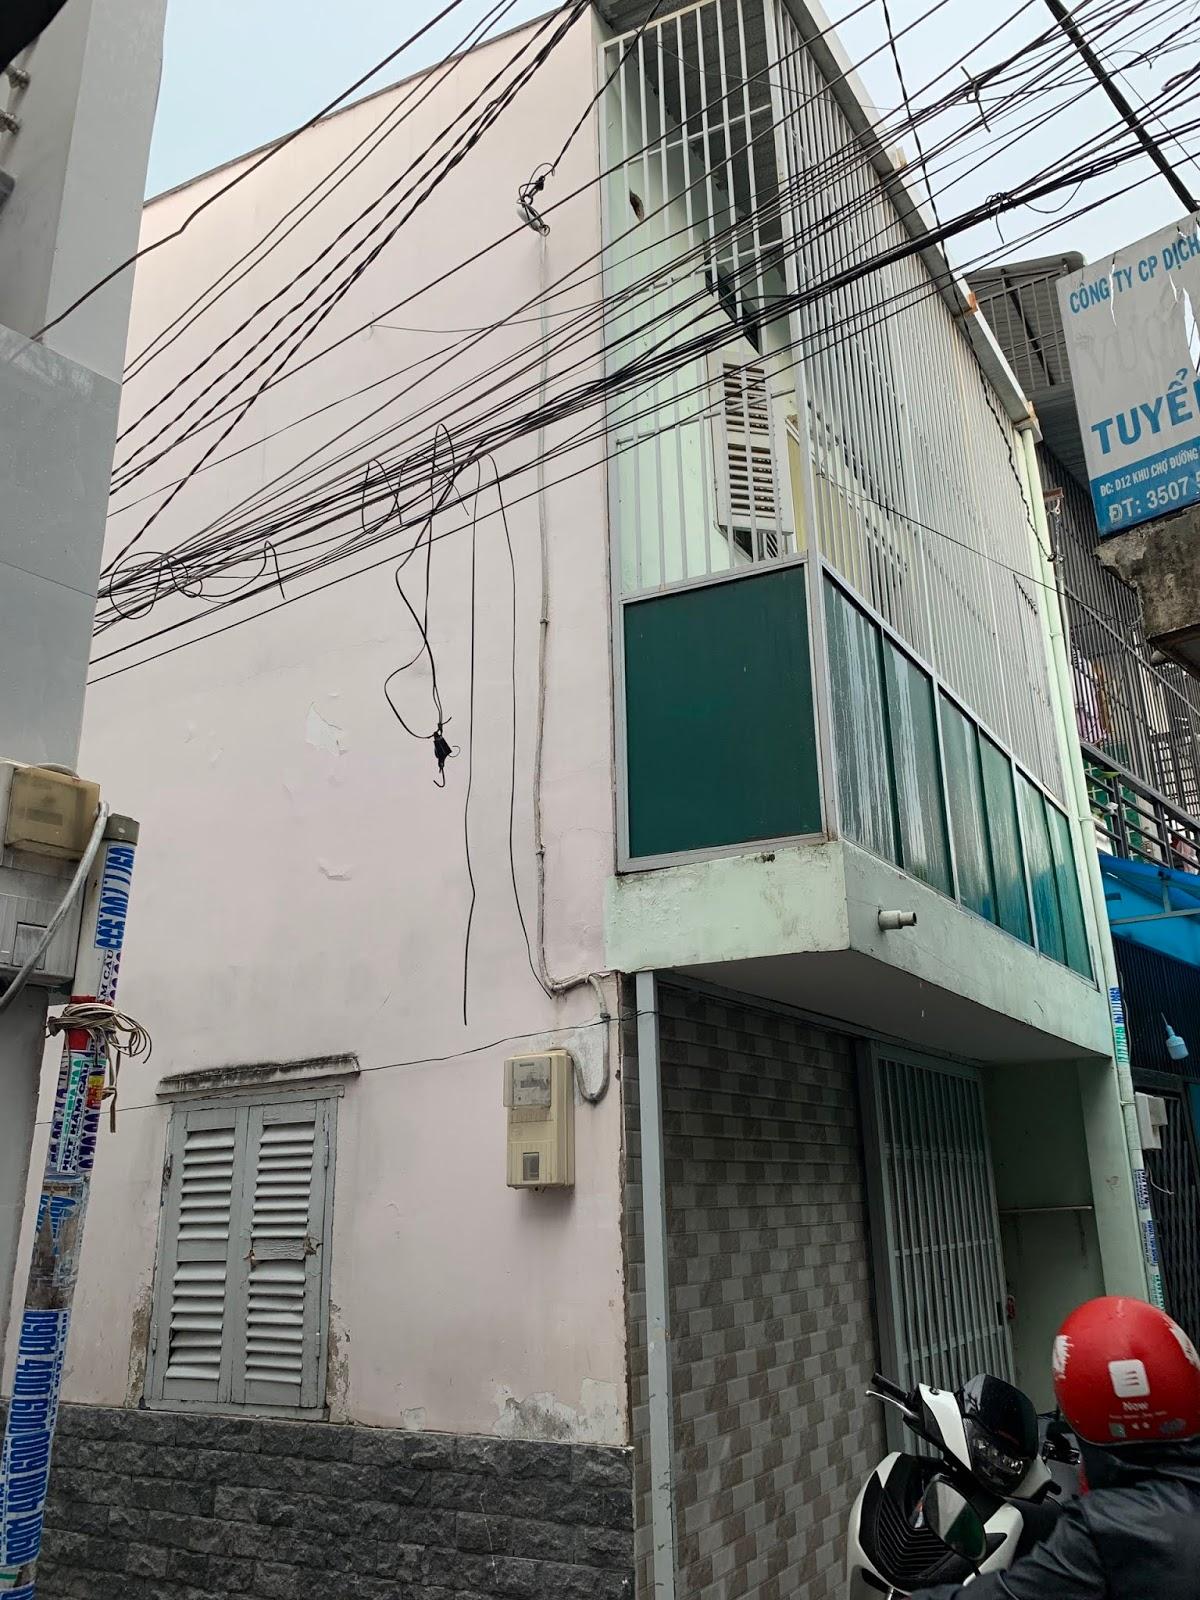 Bán nhà quận Tân Phú dưới 2 tỷ năm 2019 ngay chợ vải Phú Thọ Hòa